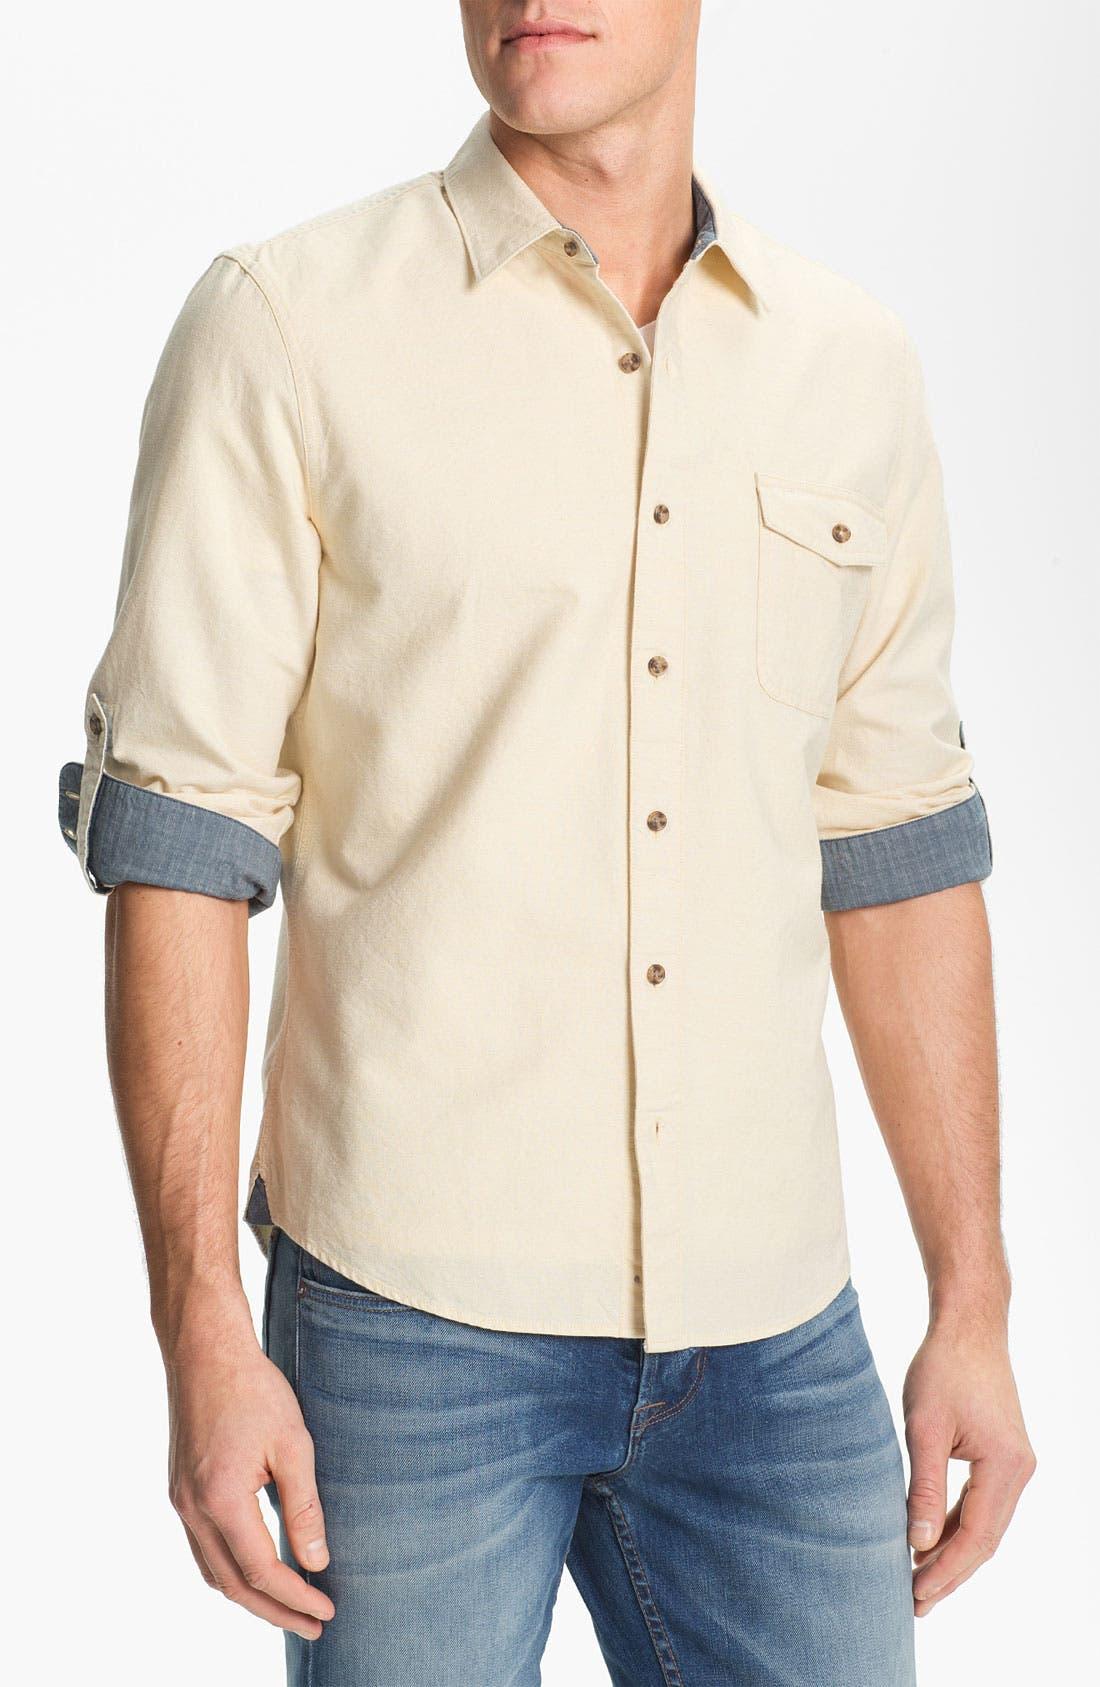 Main Image - 1901 Oxford Shirt